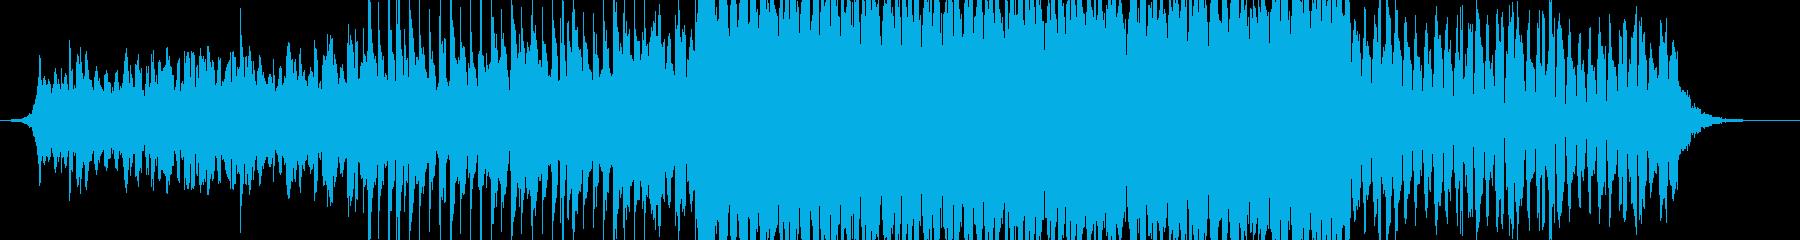 爽やかなEDM調のBGMですの再生済みの波形